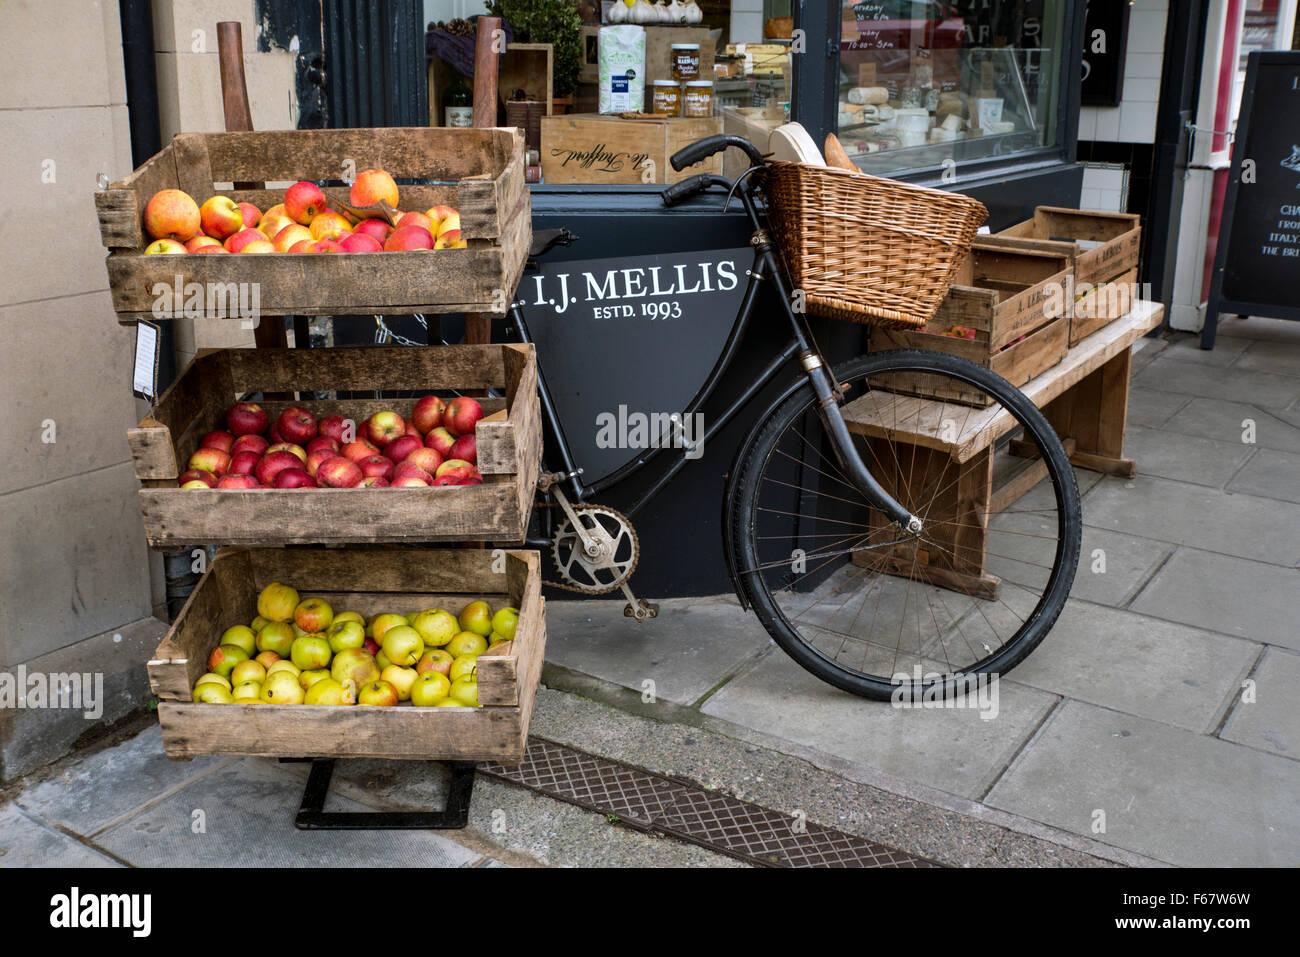 Scatole di mele sul display al di fuori del negozio di I J Mellis, Cheesemonger, a Stockbridge, Edimburgo. Immagini Stock